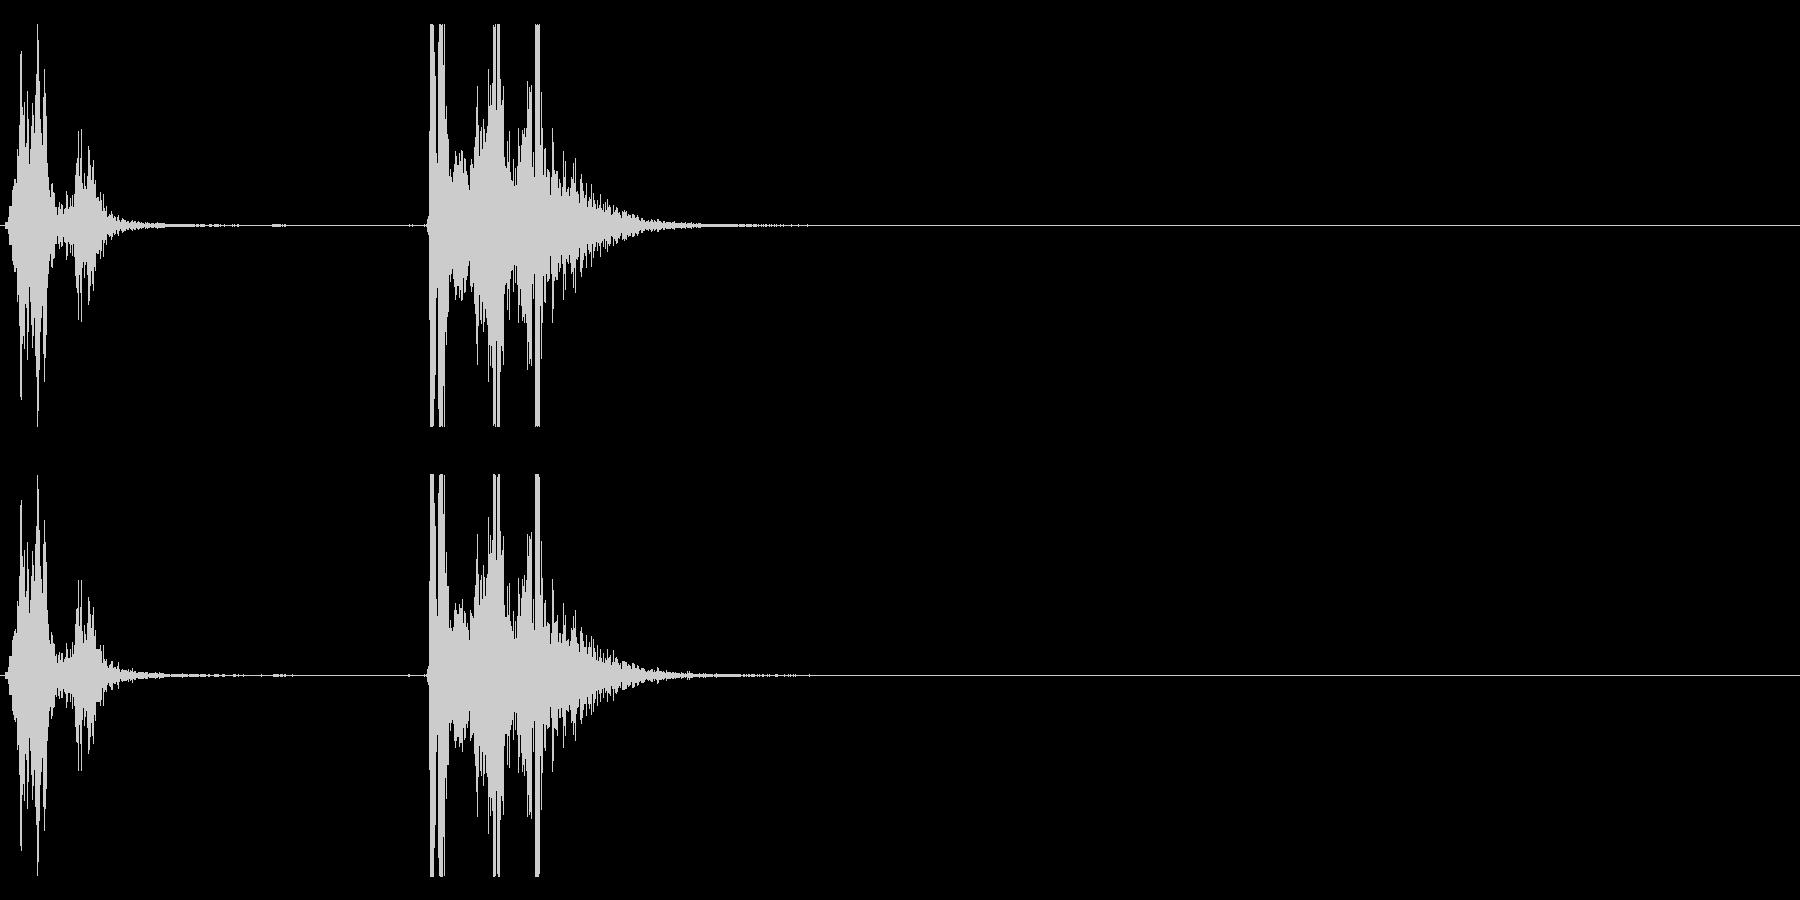 【生録音】タッパー・弁当箱を開ける音 2の未再生の波形